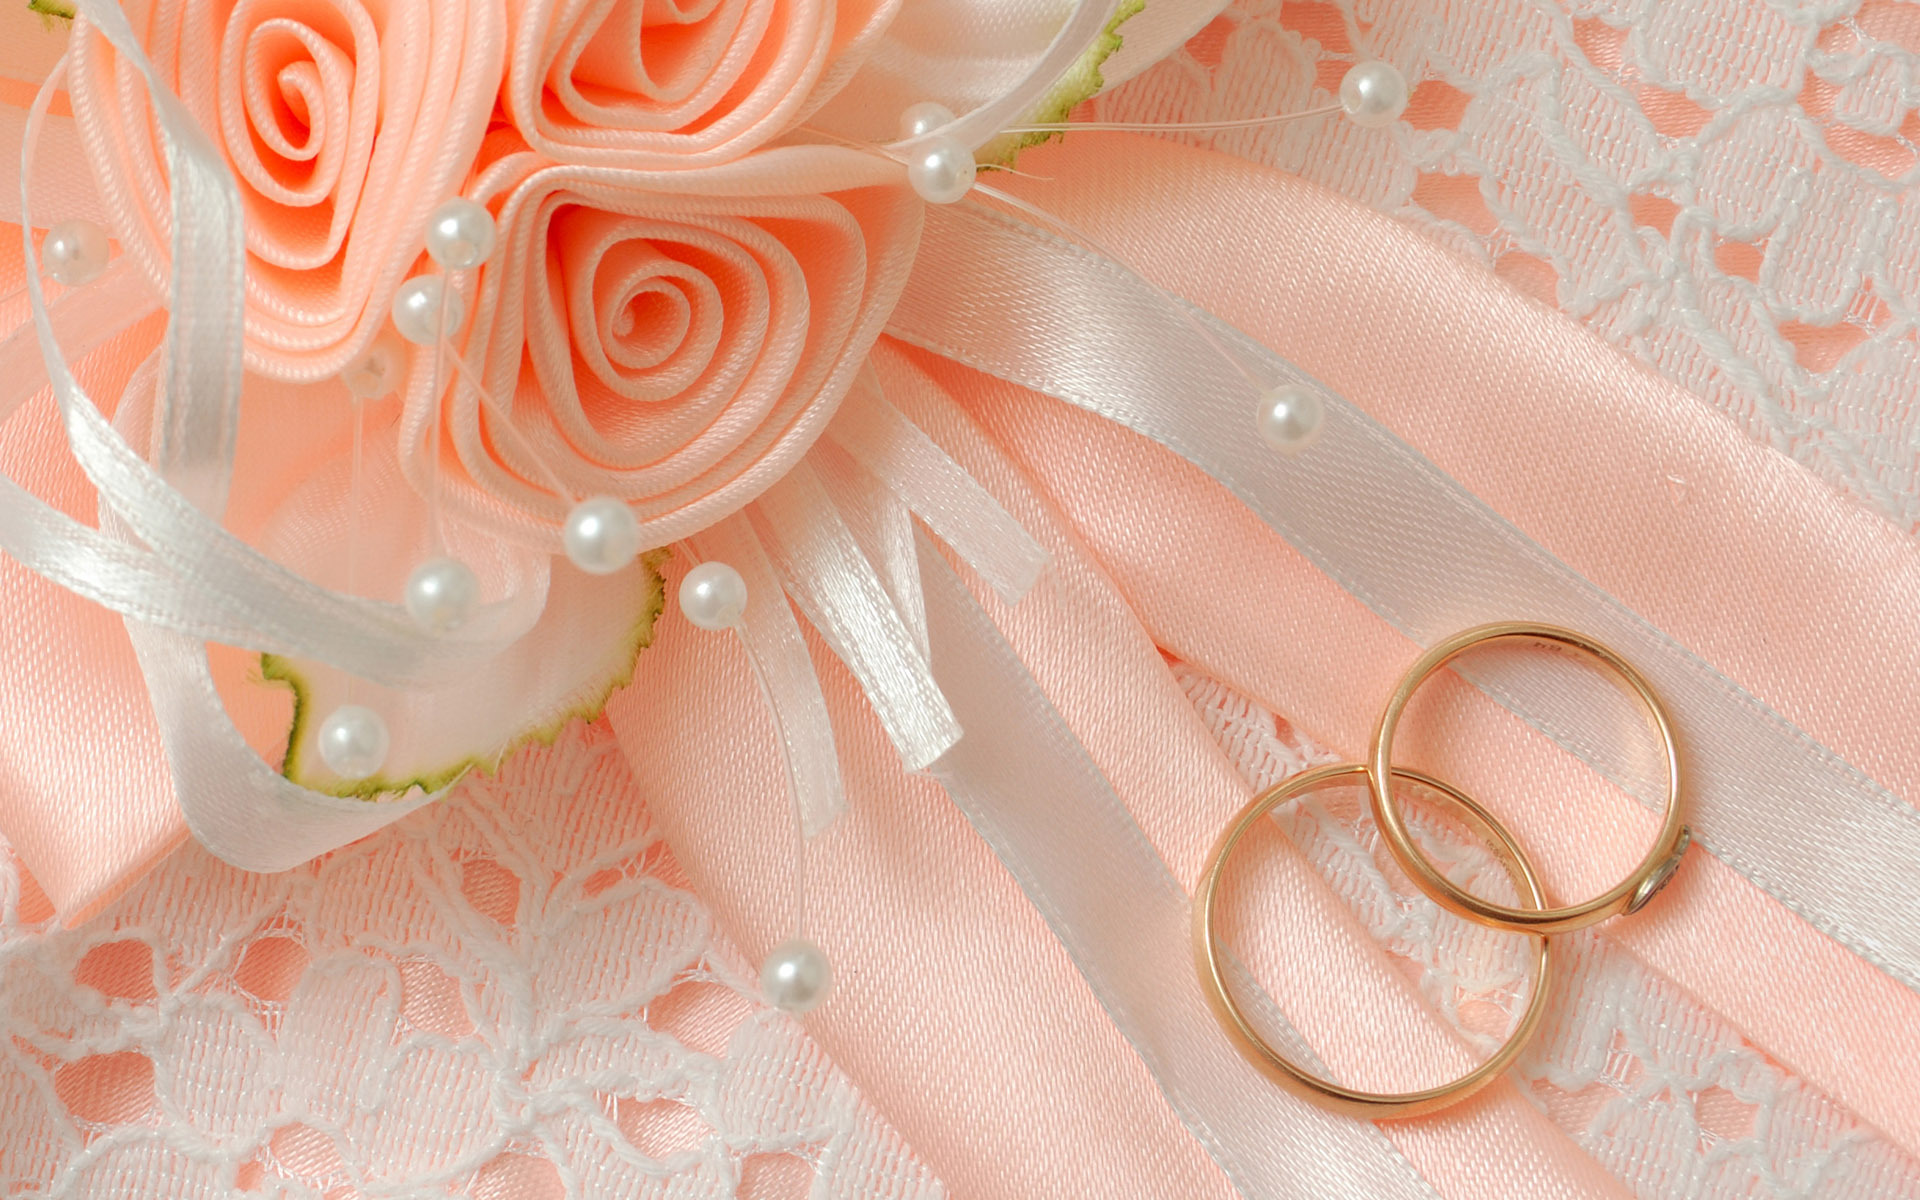 Фон для поздравления к свадьбе